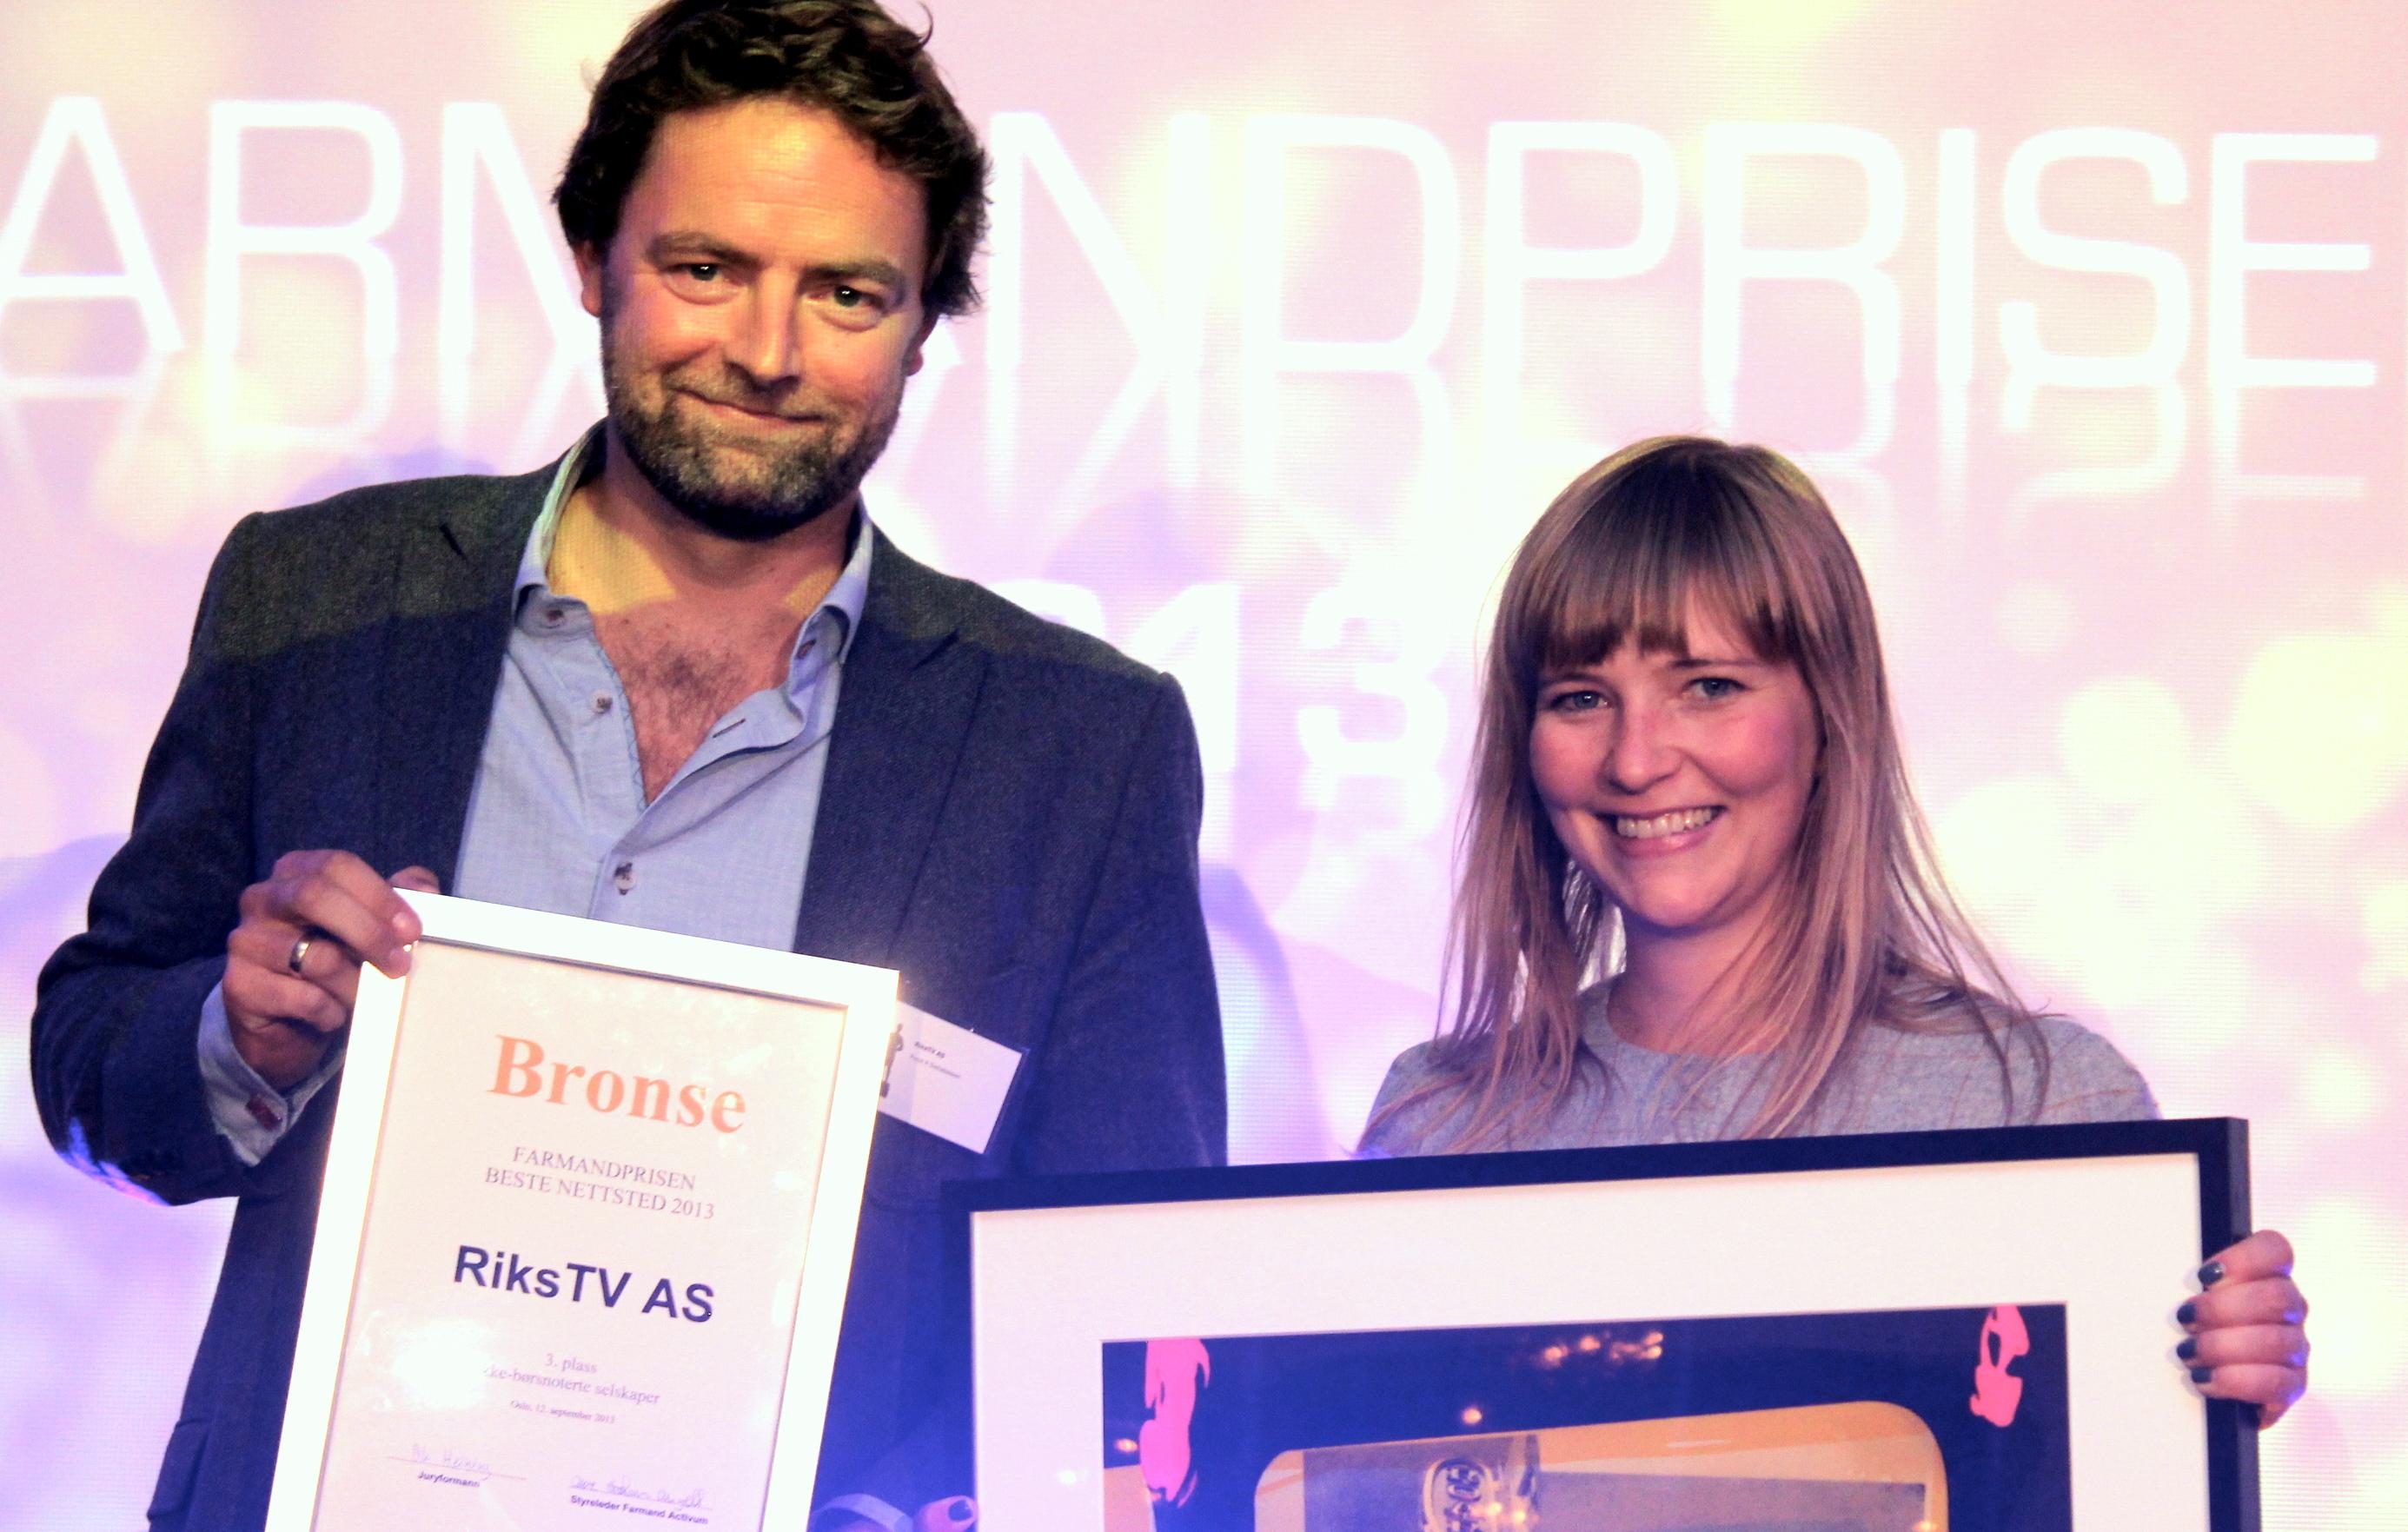 Farmandprisen Beste nettted 2013 - Ikke børsnoterte selskaper nr 3: RiksTV